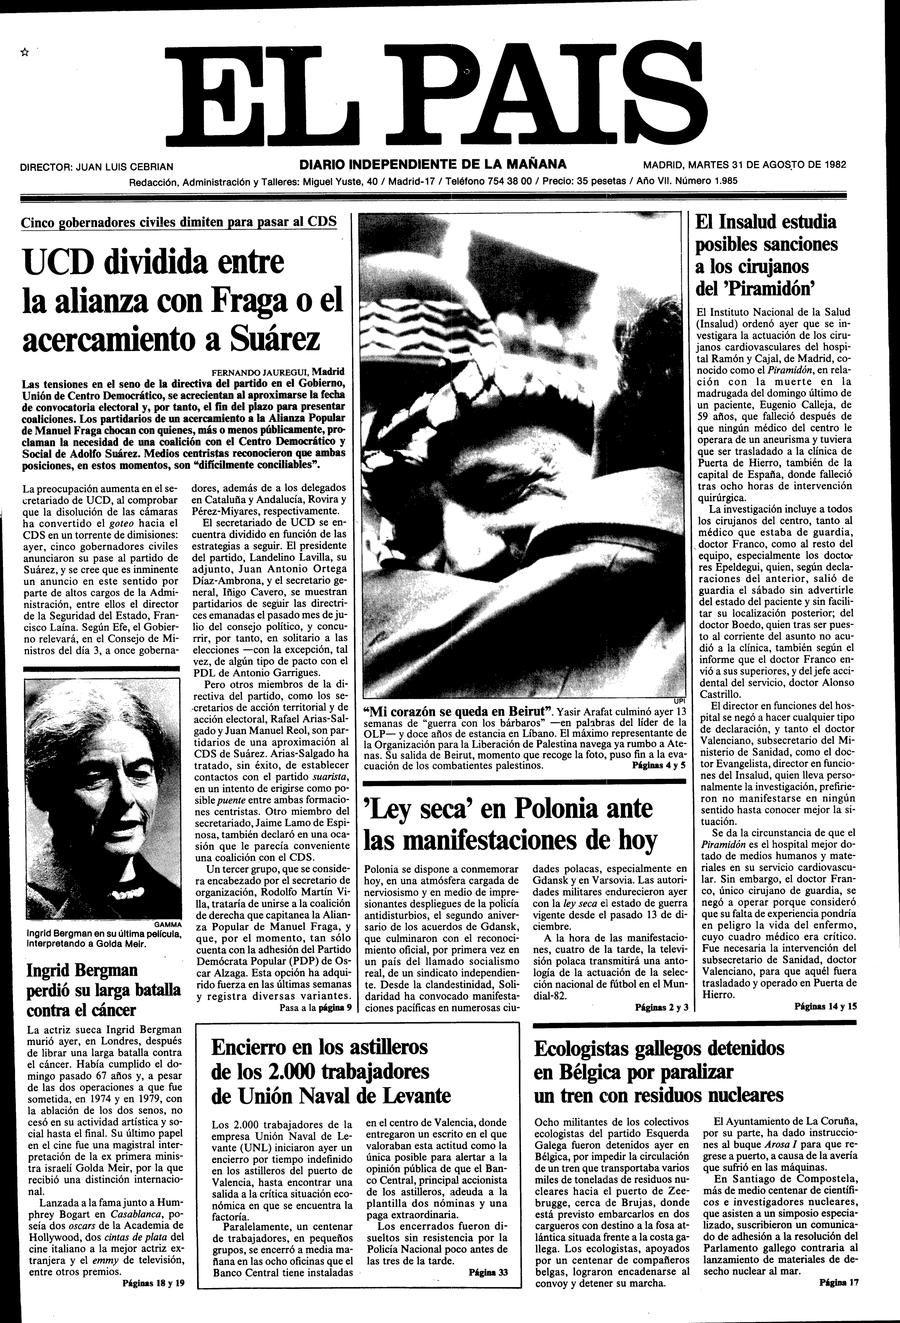 31 de Agosto de 1982